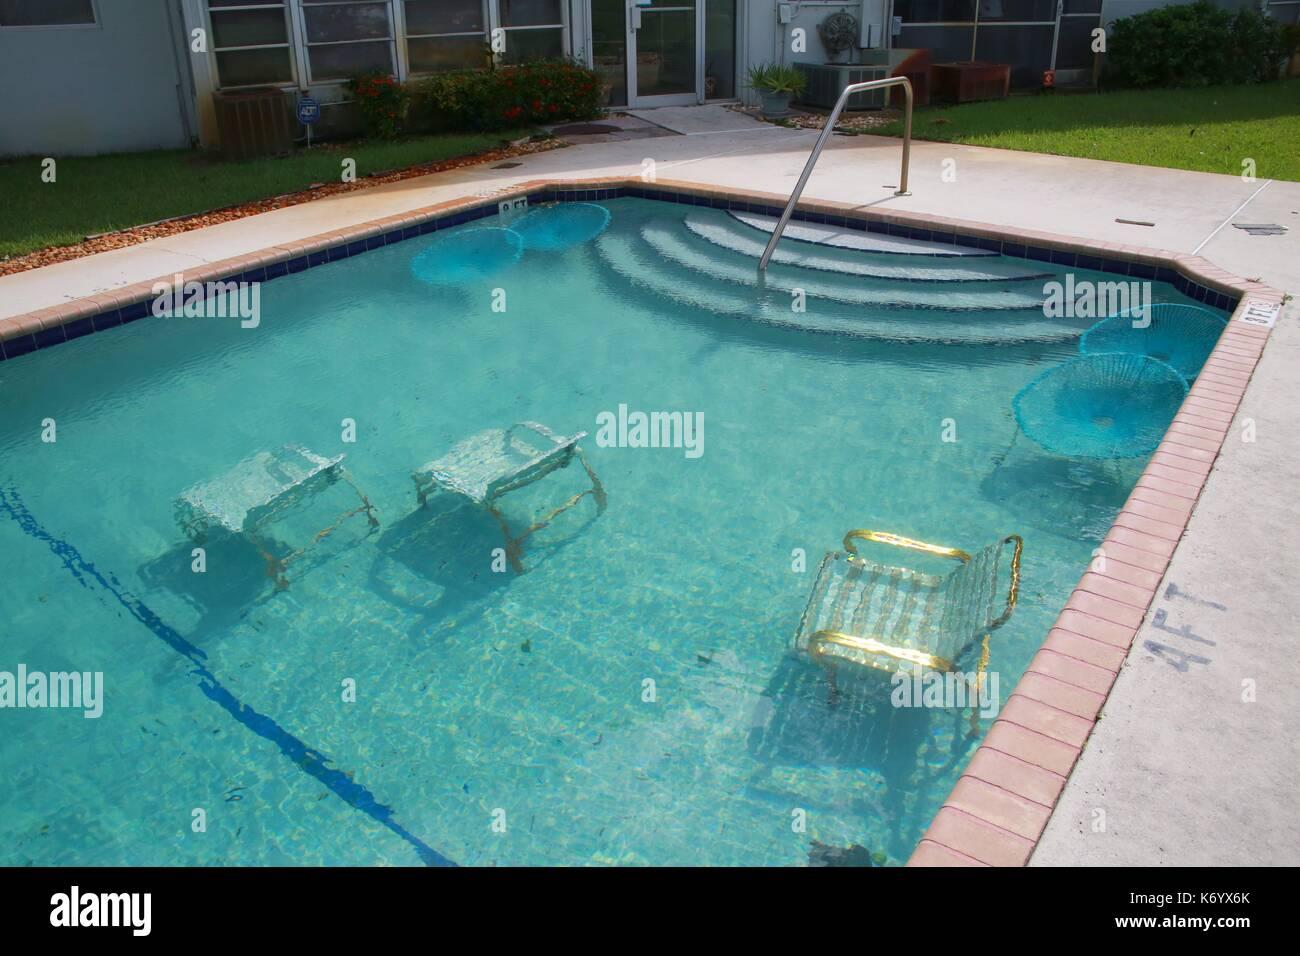 Muebles de cubierta en Crystal Lake condominiums intencionalmente sumergido en una piscina para mantenerla de soplar Foto de stock